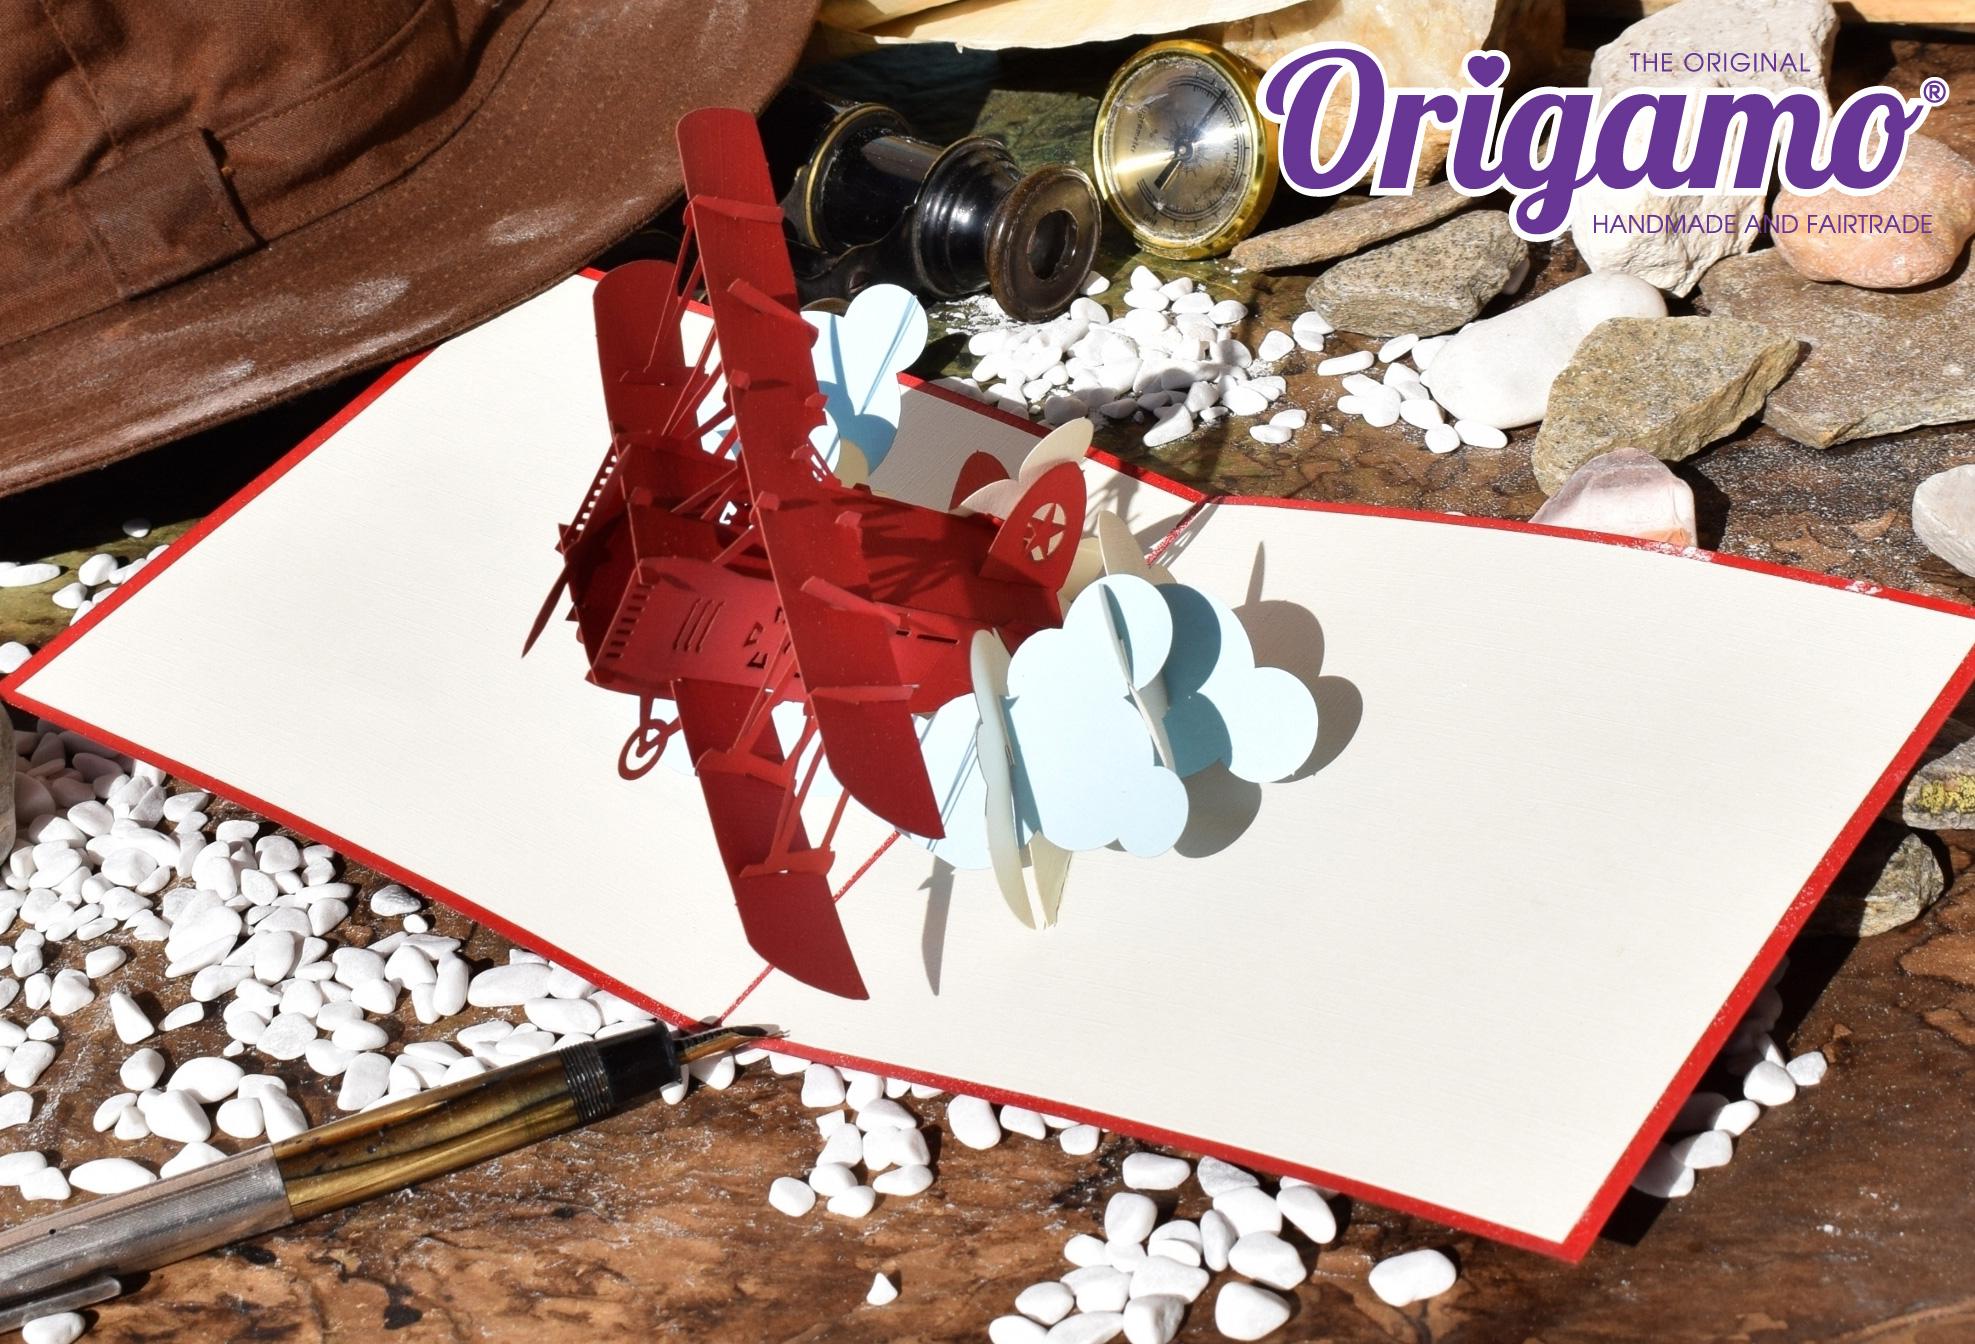 Origamo Greeting Cards UK